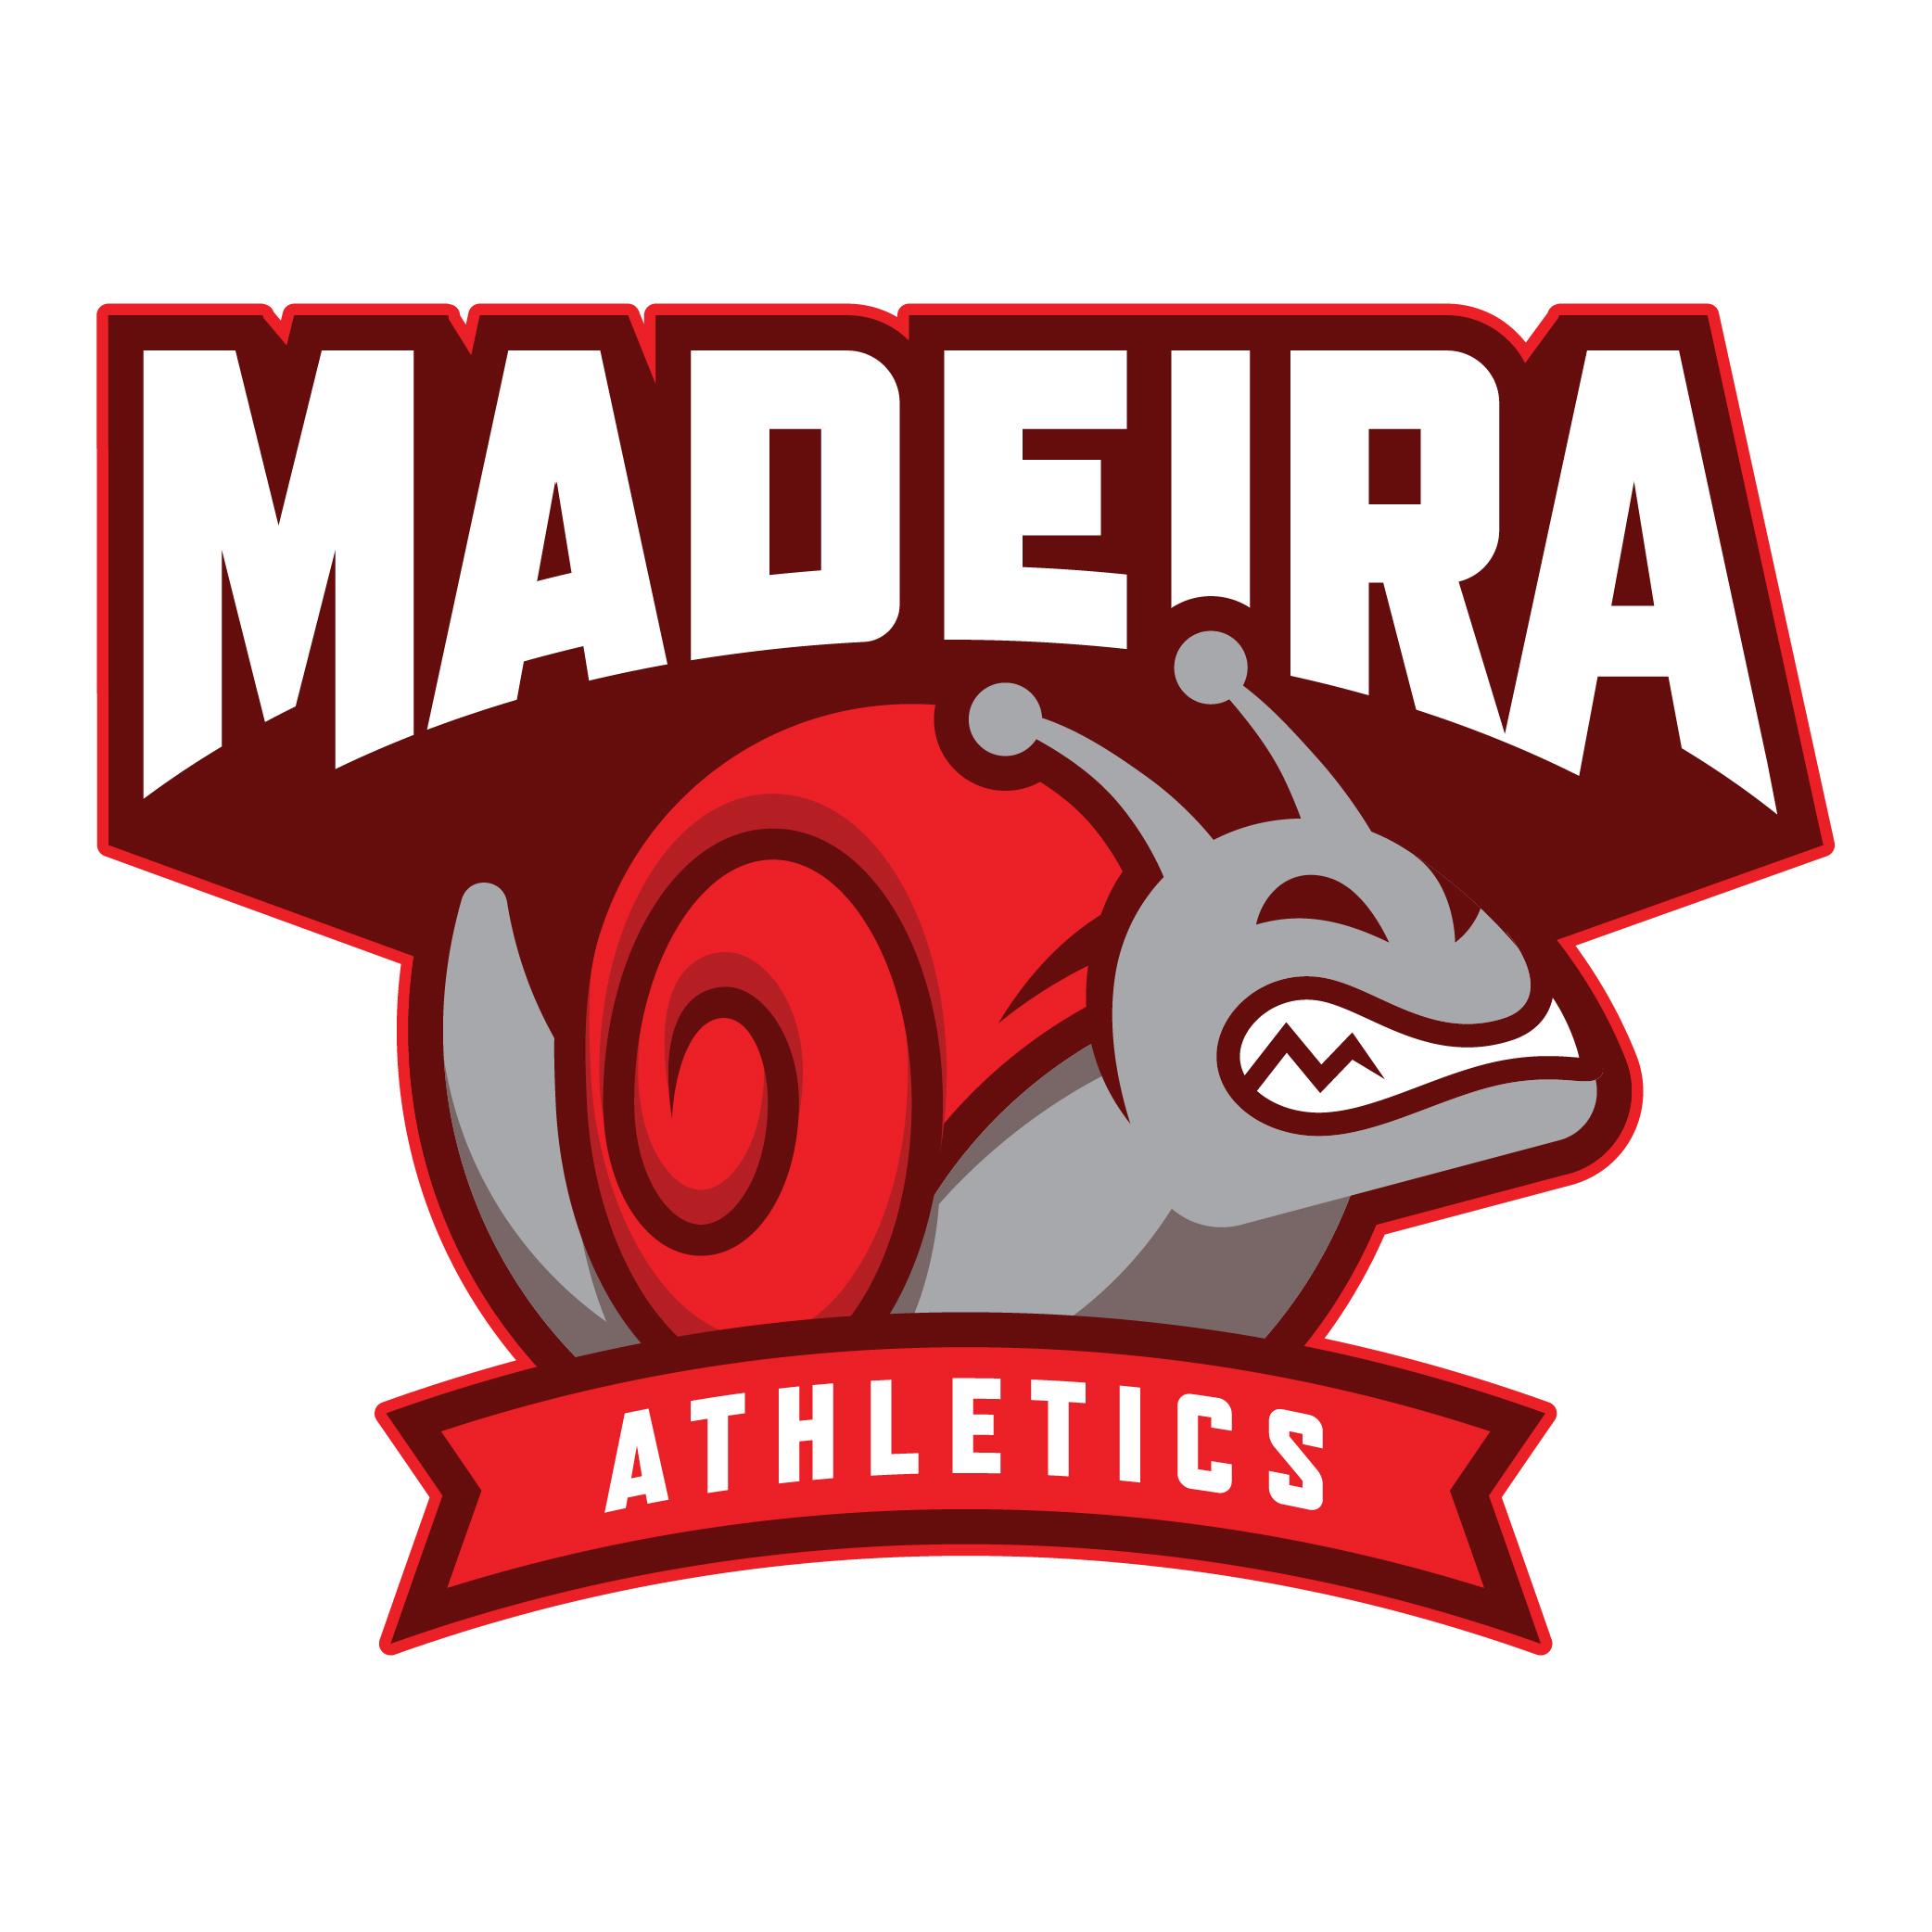 The Madeira School · Wel e to Madeira